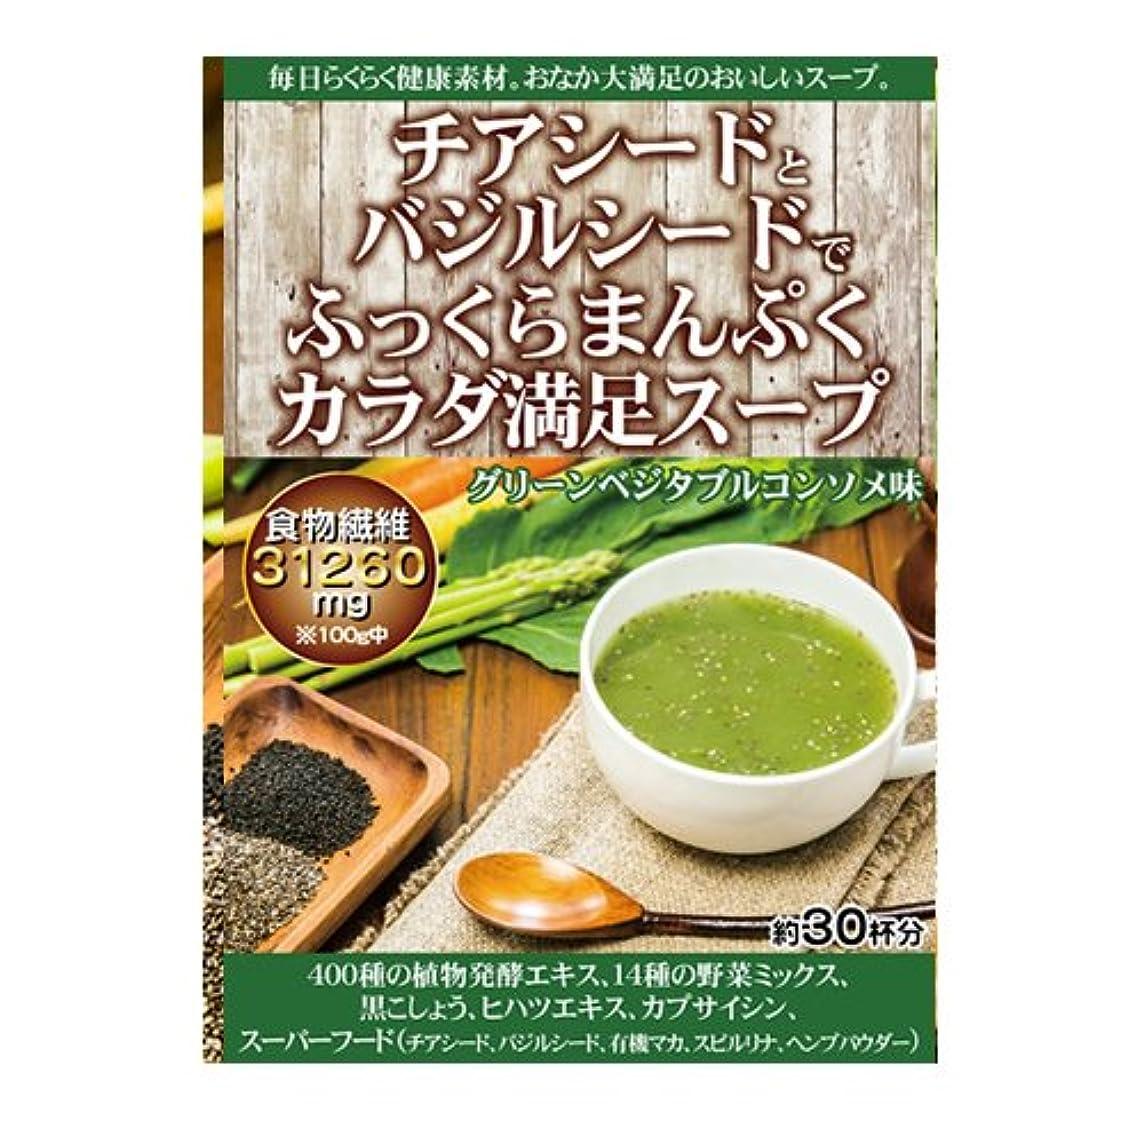 脚フルーツ野菜年齢チアシードとバジルシードでふっくらまんぷくカラダ満足スープ(グリーンベジタブルコンソメ味)